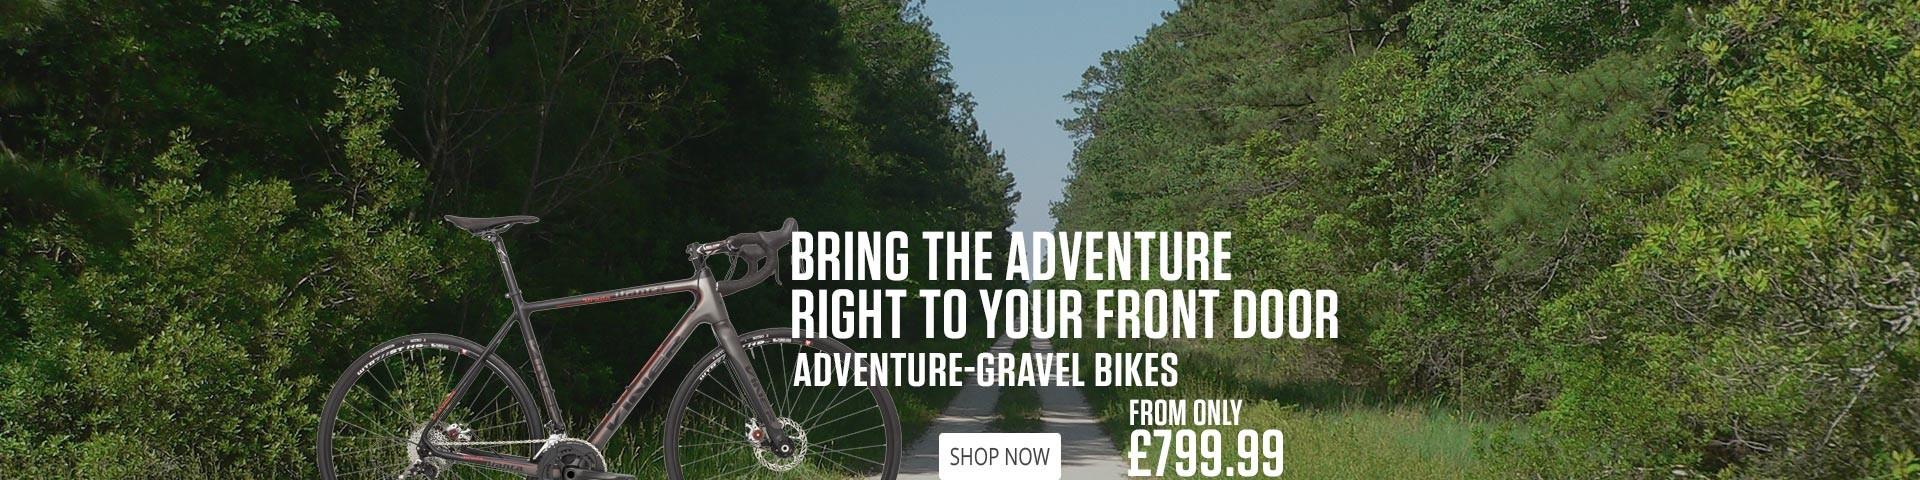 Gravel Adventure Bikes